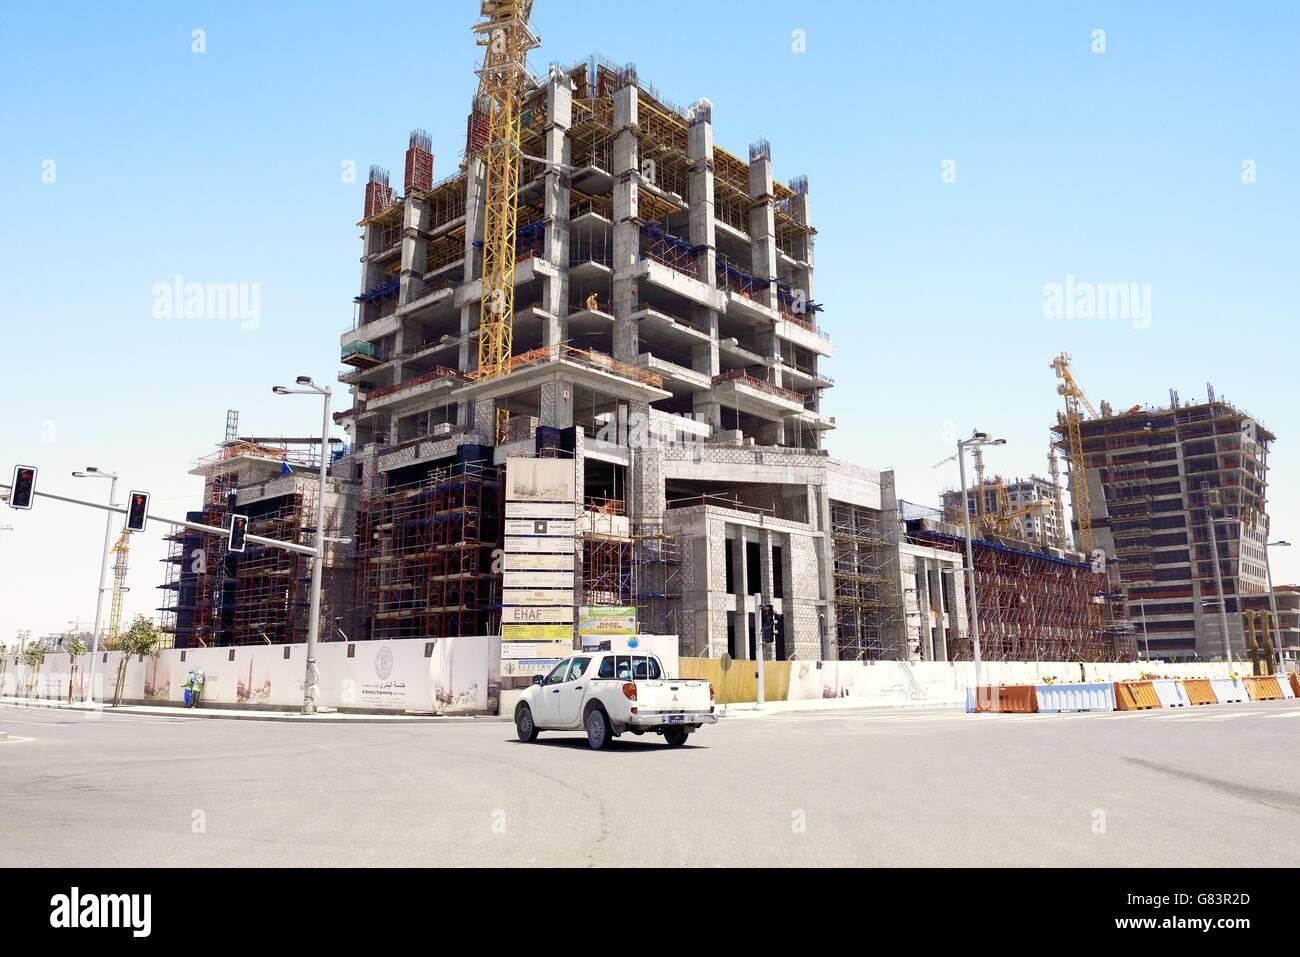 Al bandary torre comercial de ingeniería en construcción. Marina District de rápido desarrollo de Imagen De Stock